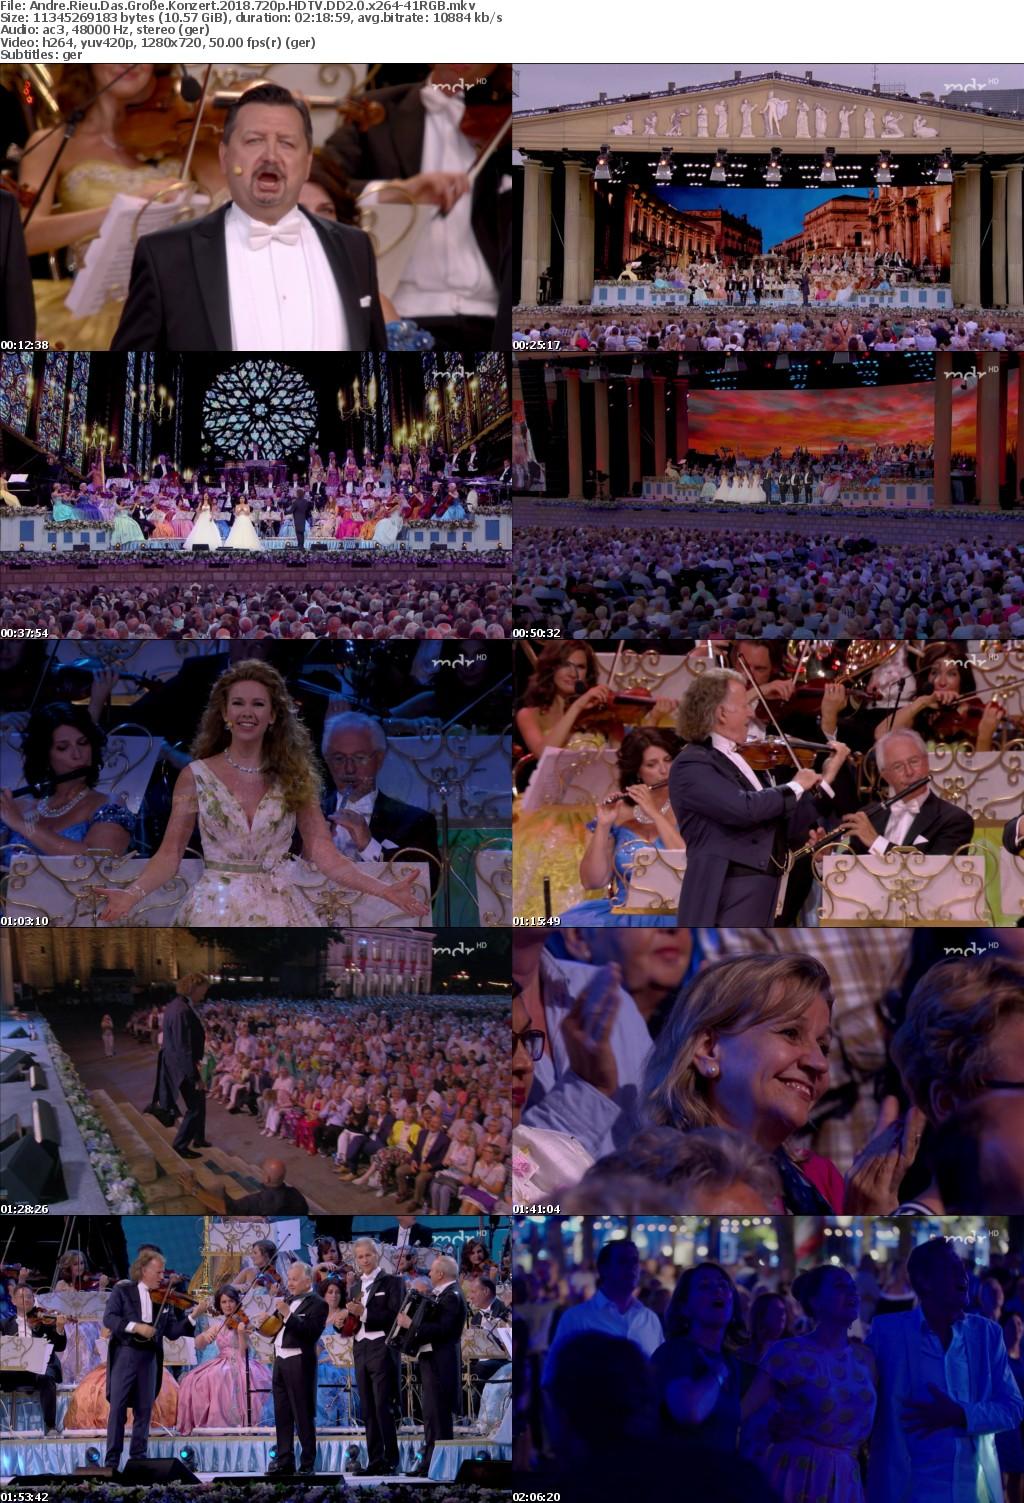 Andre Rieu Das GroSe Konzert 2018 720p HDTV DD2 0 x264-41RGB